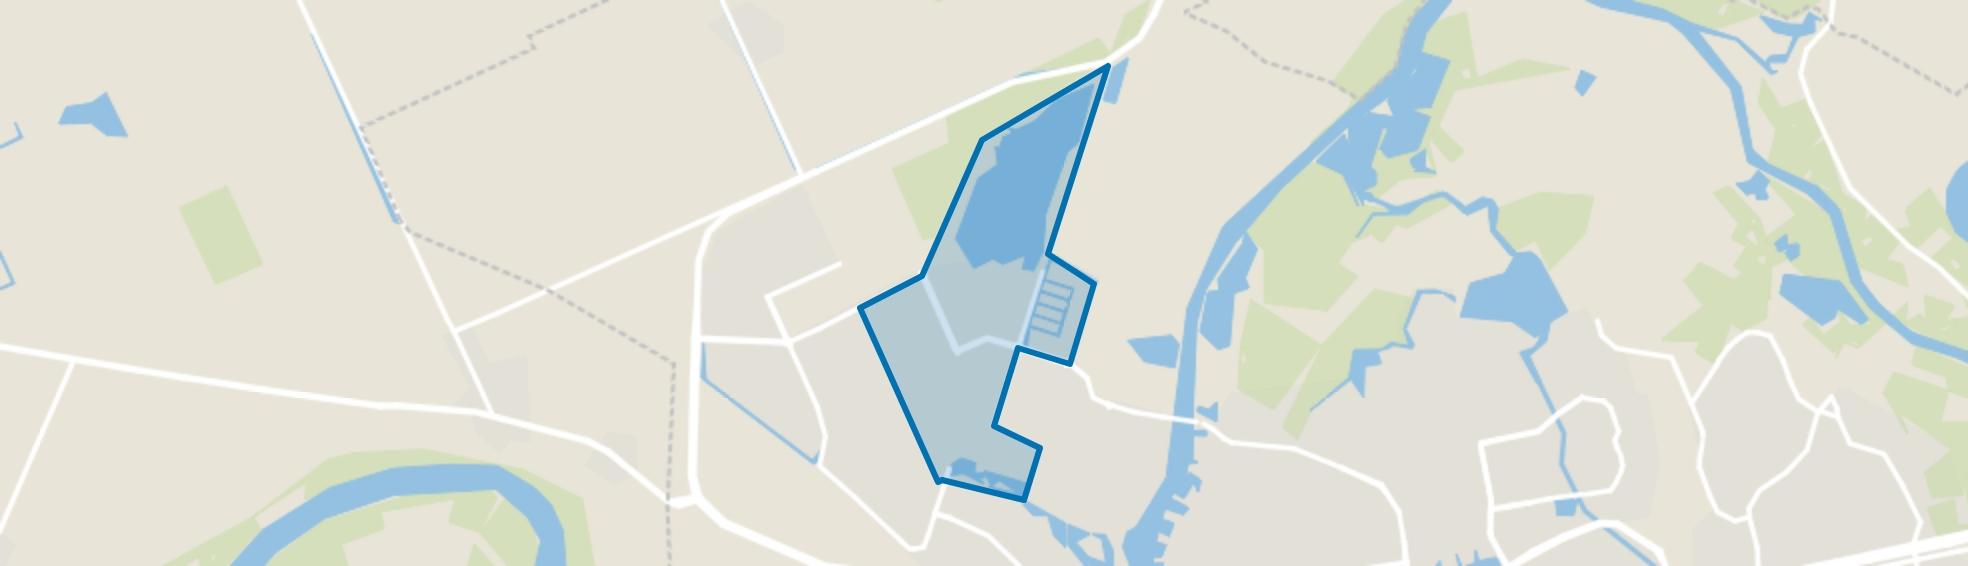 Milligen, Zwolle map